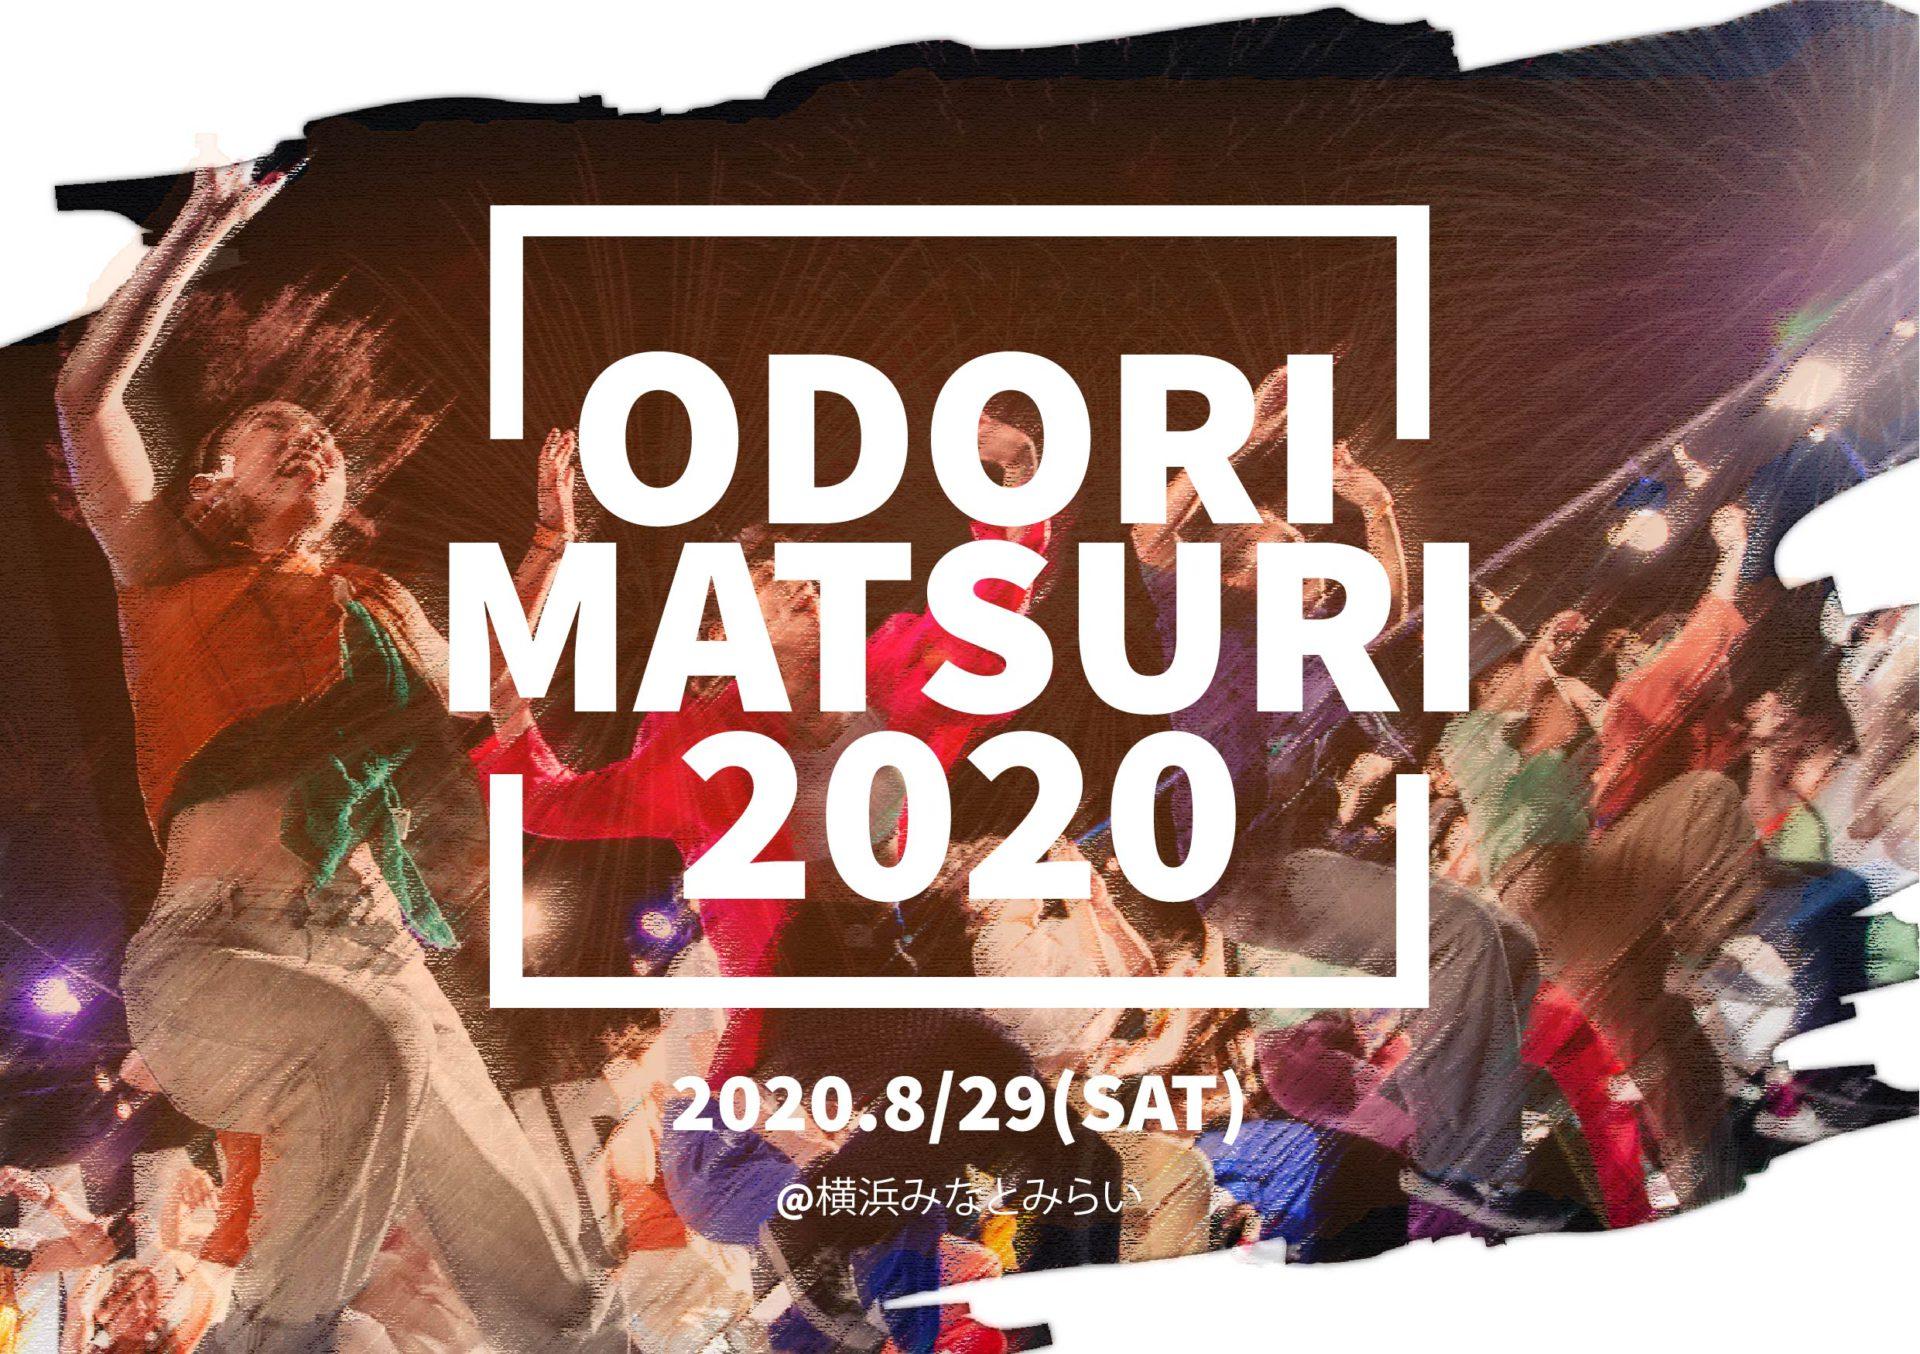 ODORIMATSURI2020_KV@300x-50